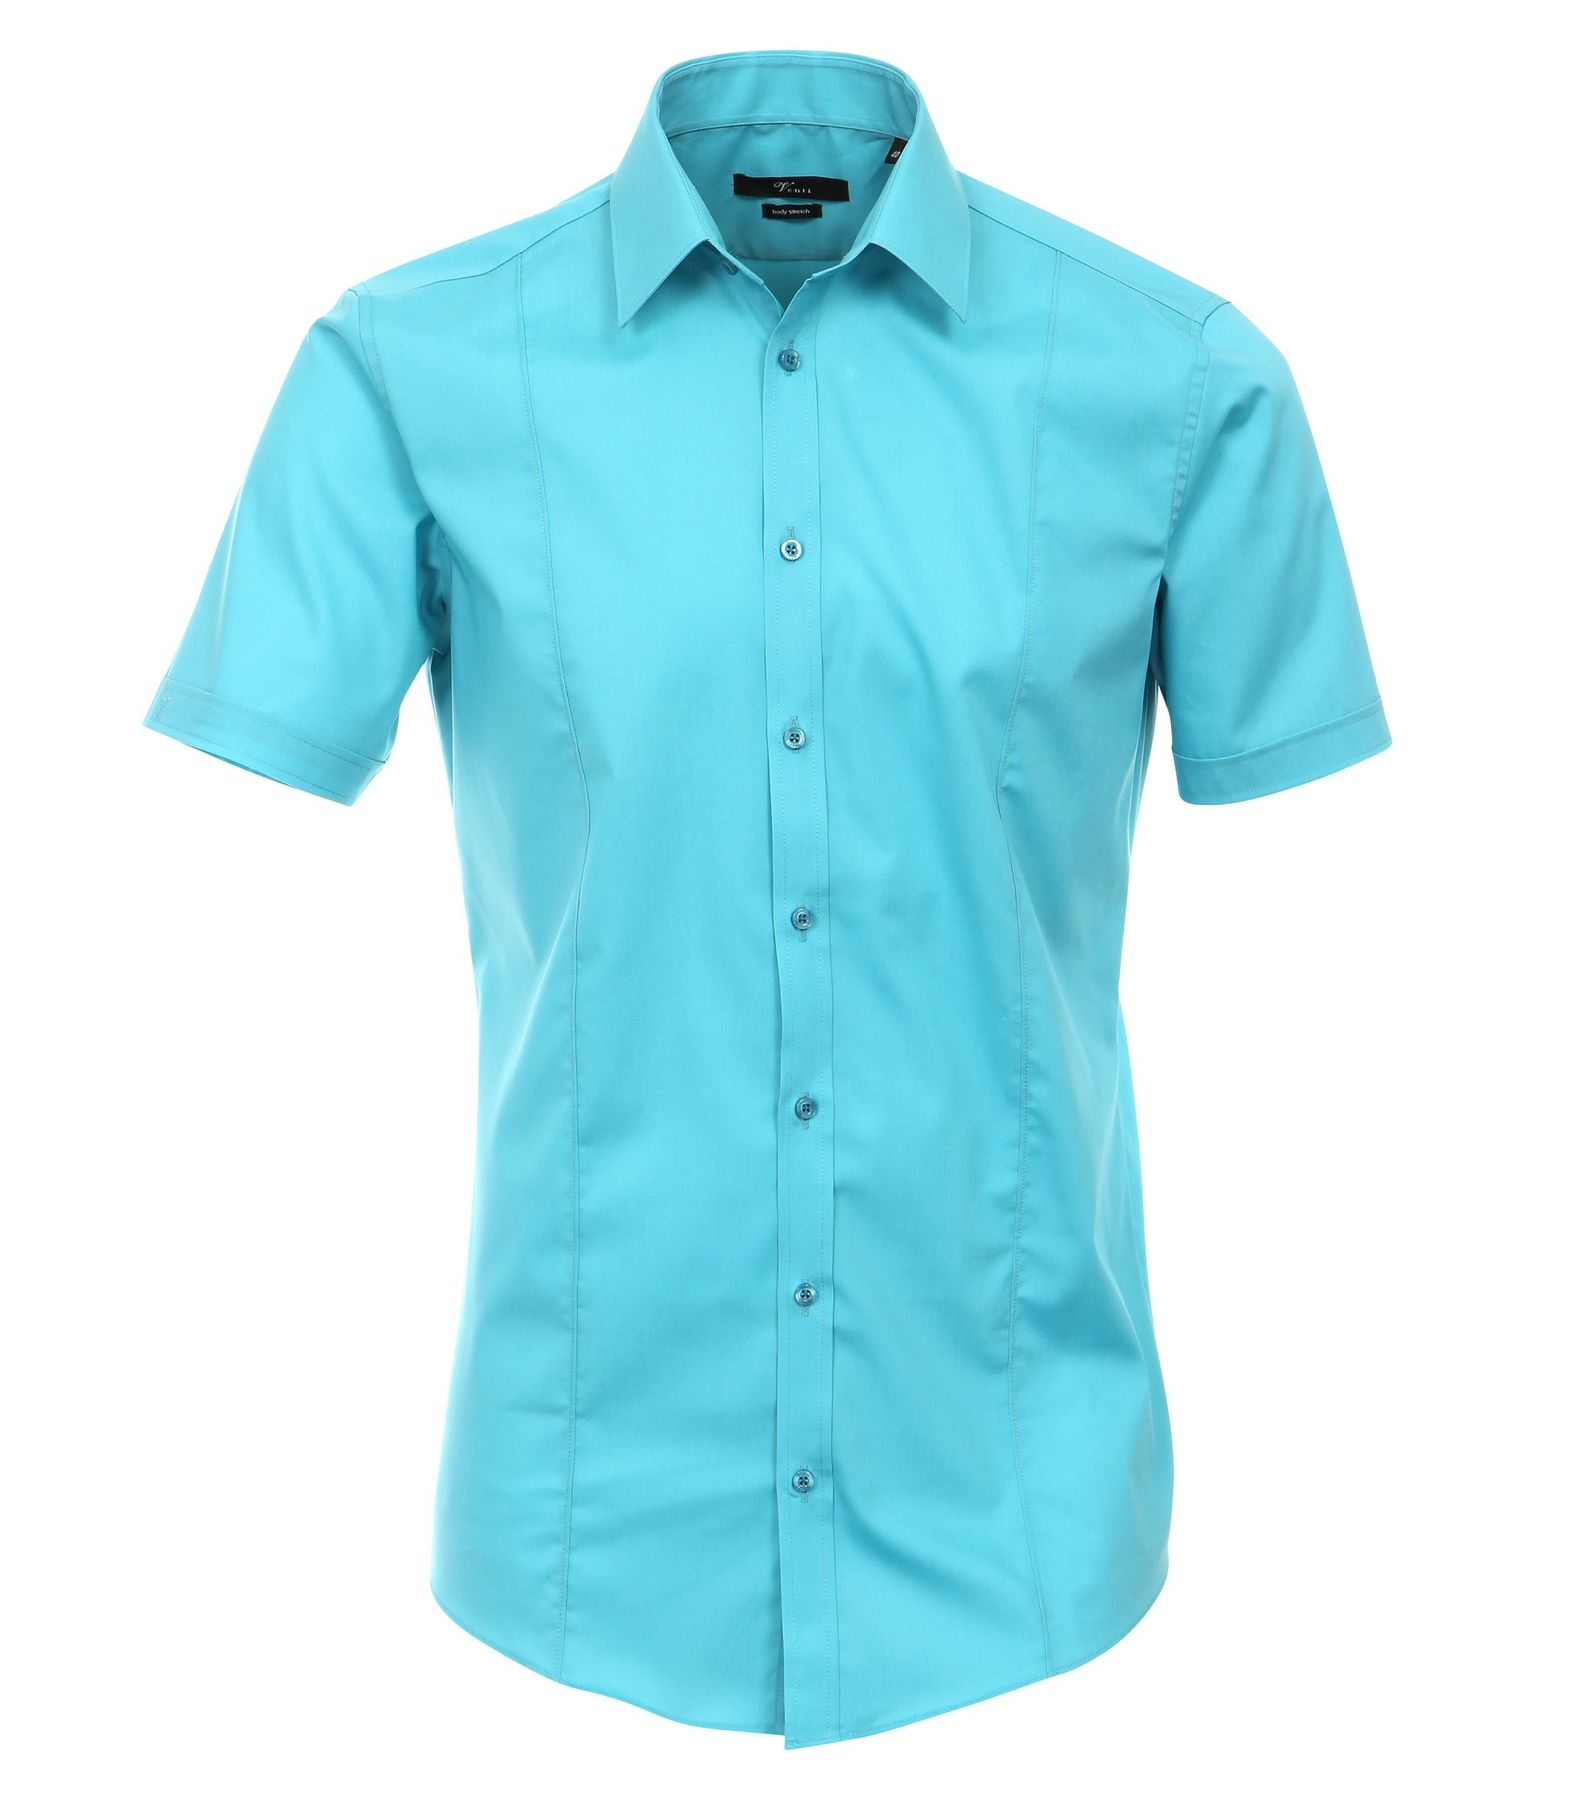 Venti - Body Stretch/ Super Slim Fit - Bügelfreies Herren Kurzarm Hemd in verschiedenen Farben (001670 A)  – Bild 1